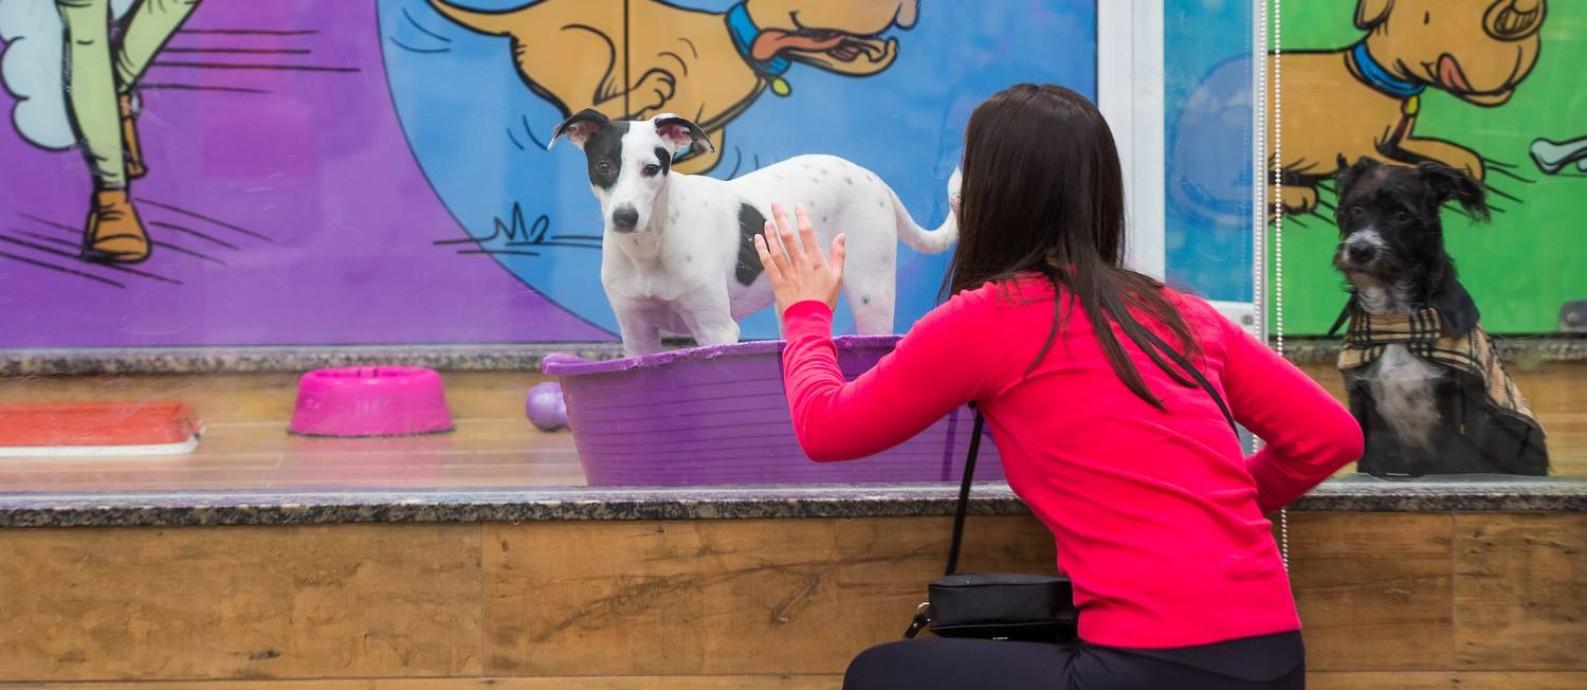 Fernanda Oening, de 24 anos, escolhe um cachorro para adoção numa Loja da Petz em São Paulo Foto: Agência Globo / Edilson Dantas